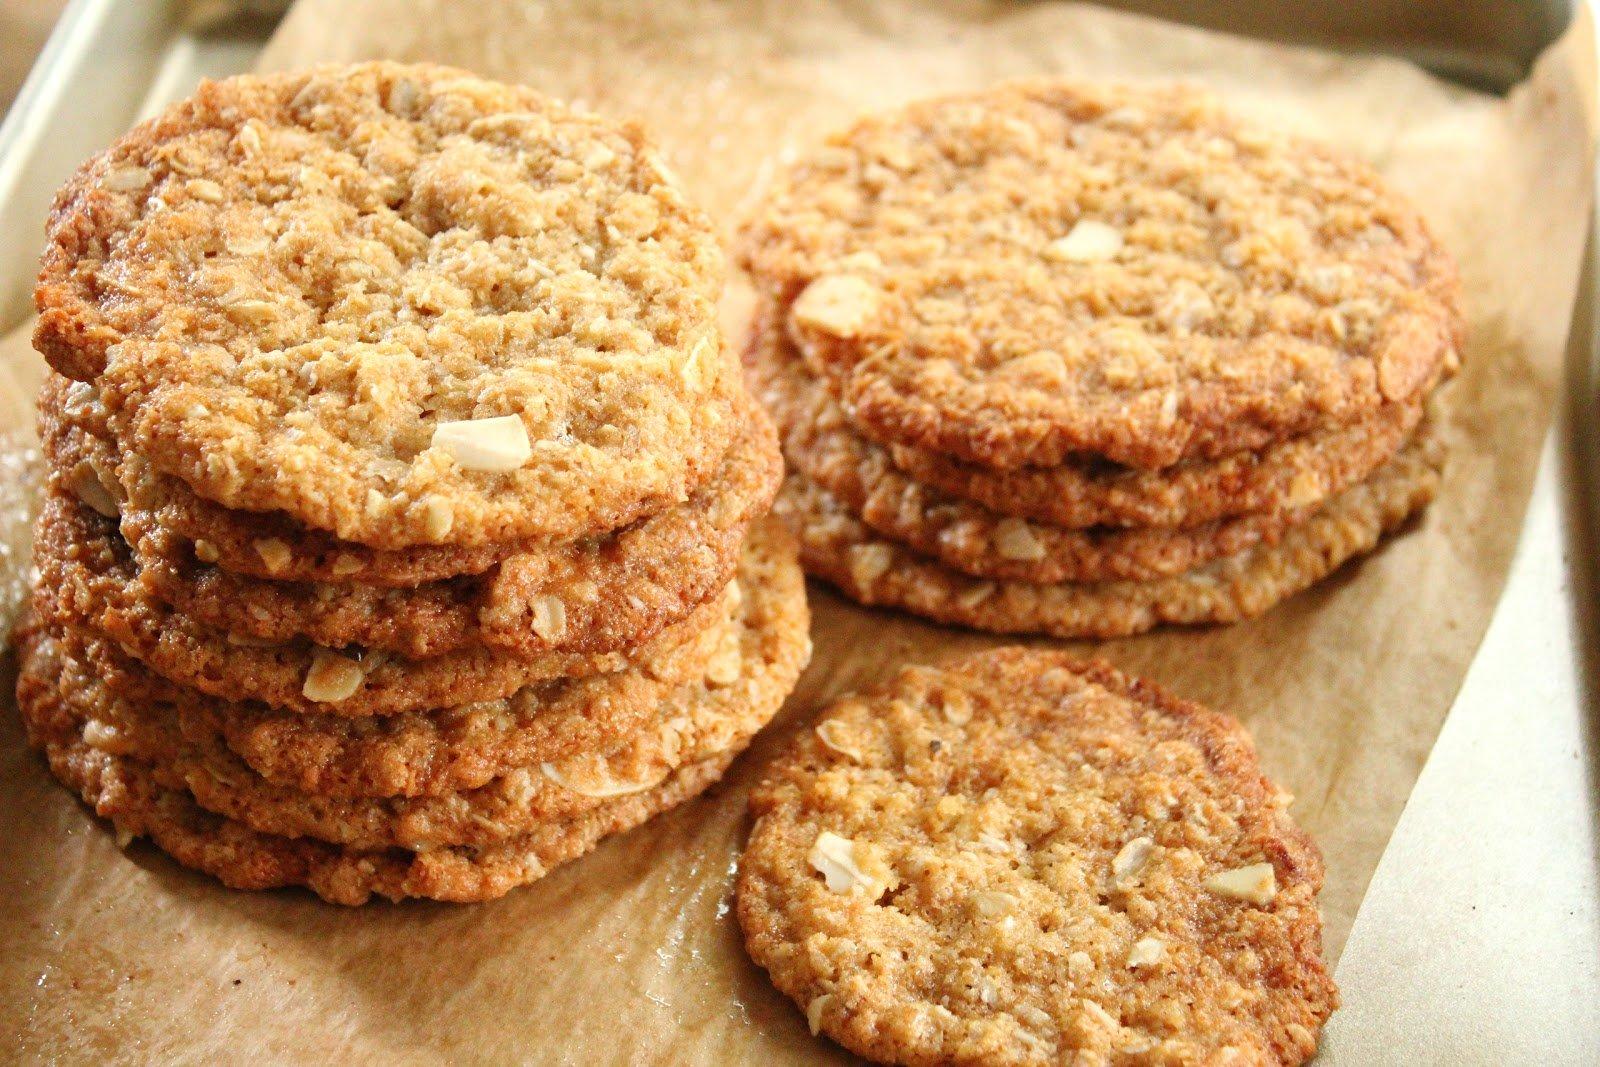 Vegan backen - Haferflocken und Nüsse